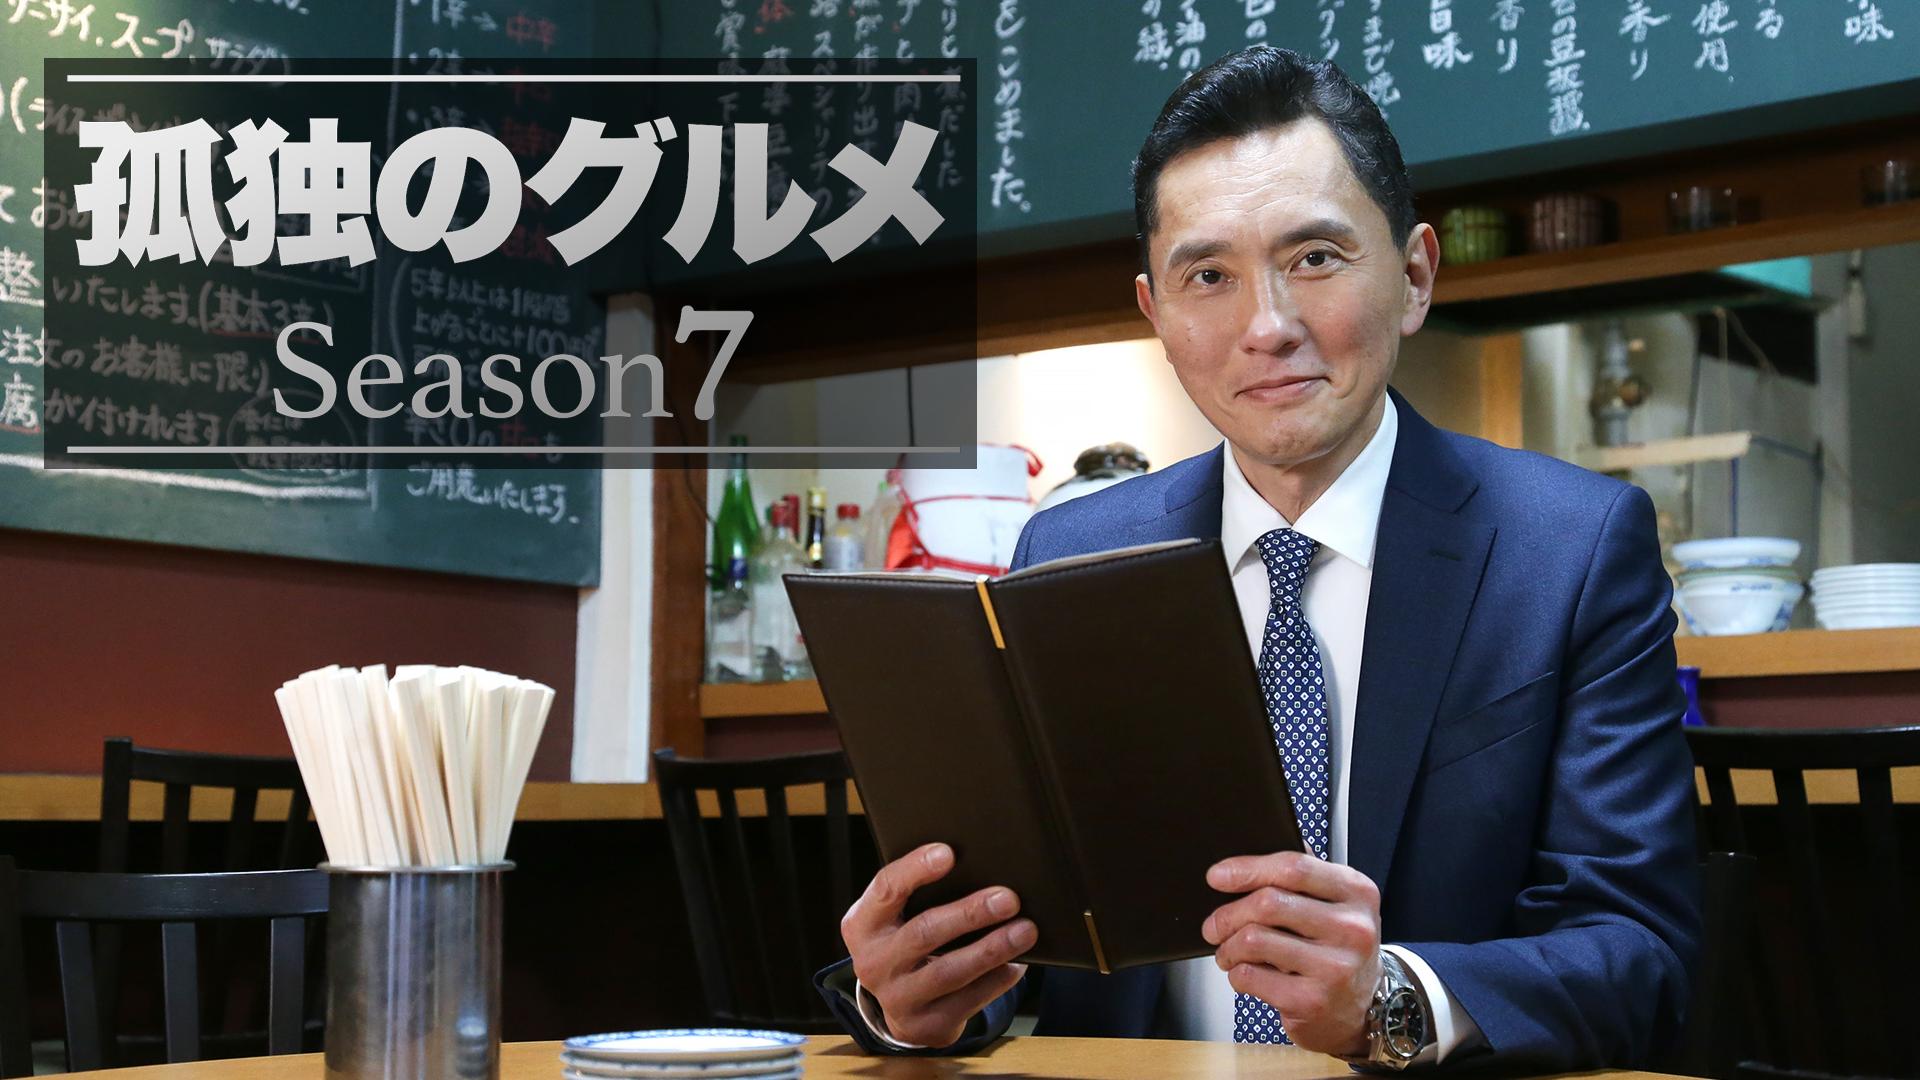 孤独のグルメ Season7 動画